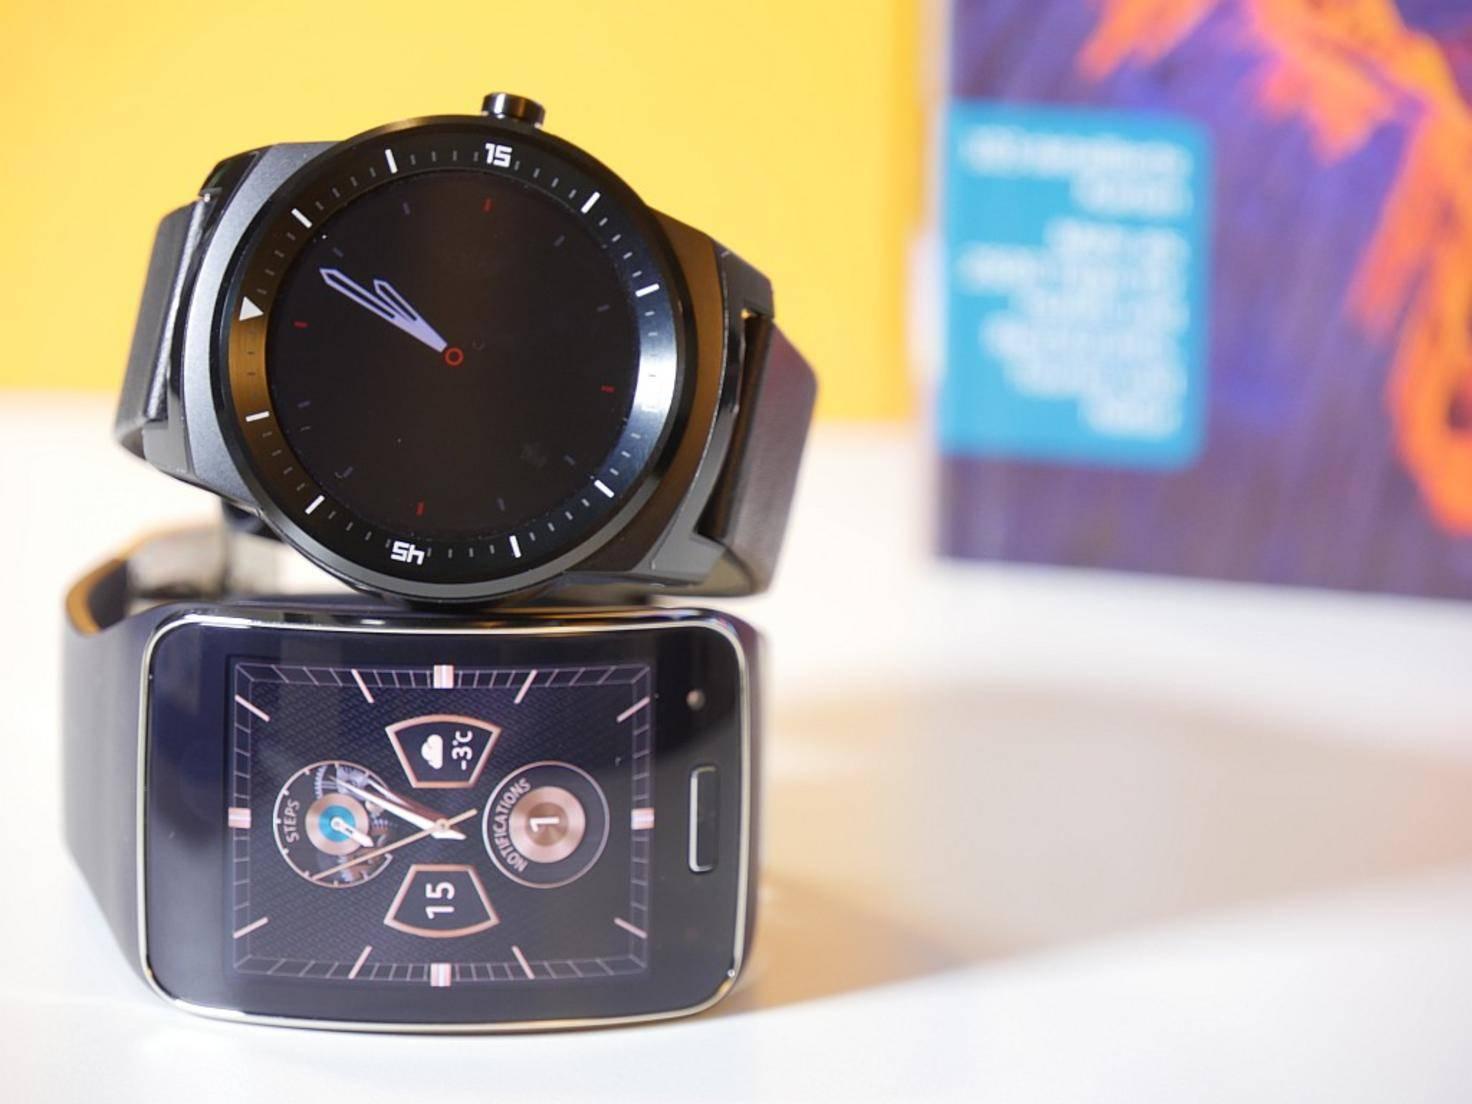 An schmalen Handgelenken sehen beide Smartwatches nicht schön aus.